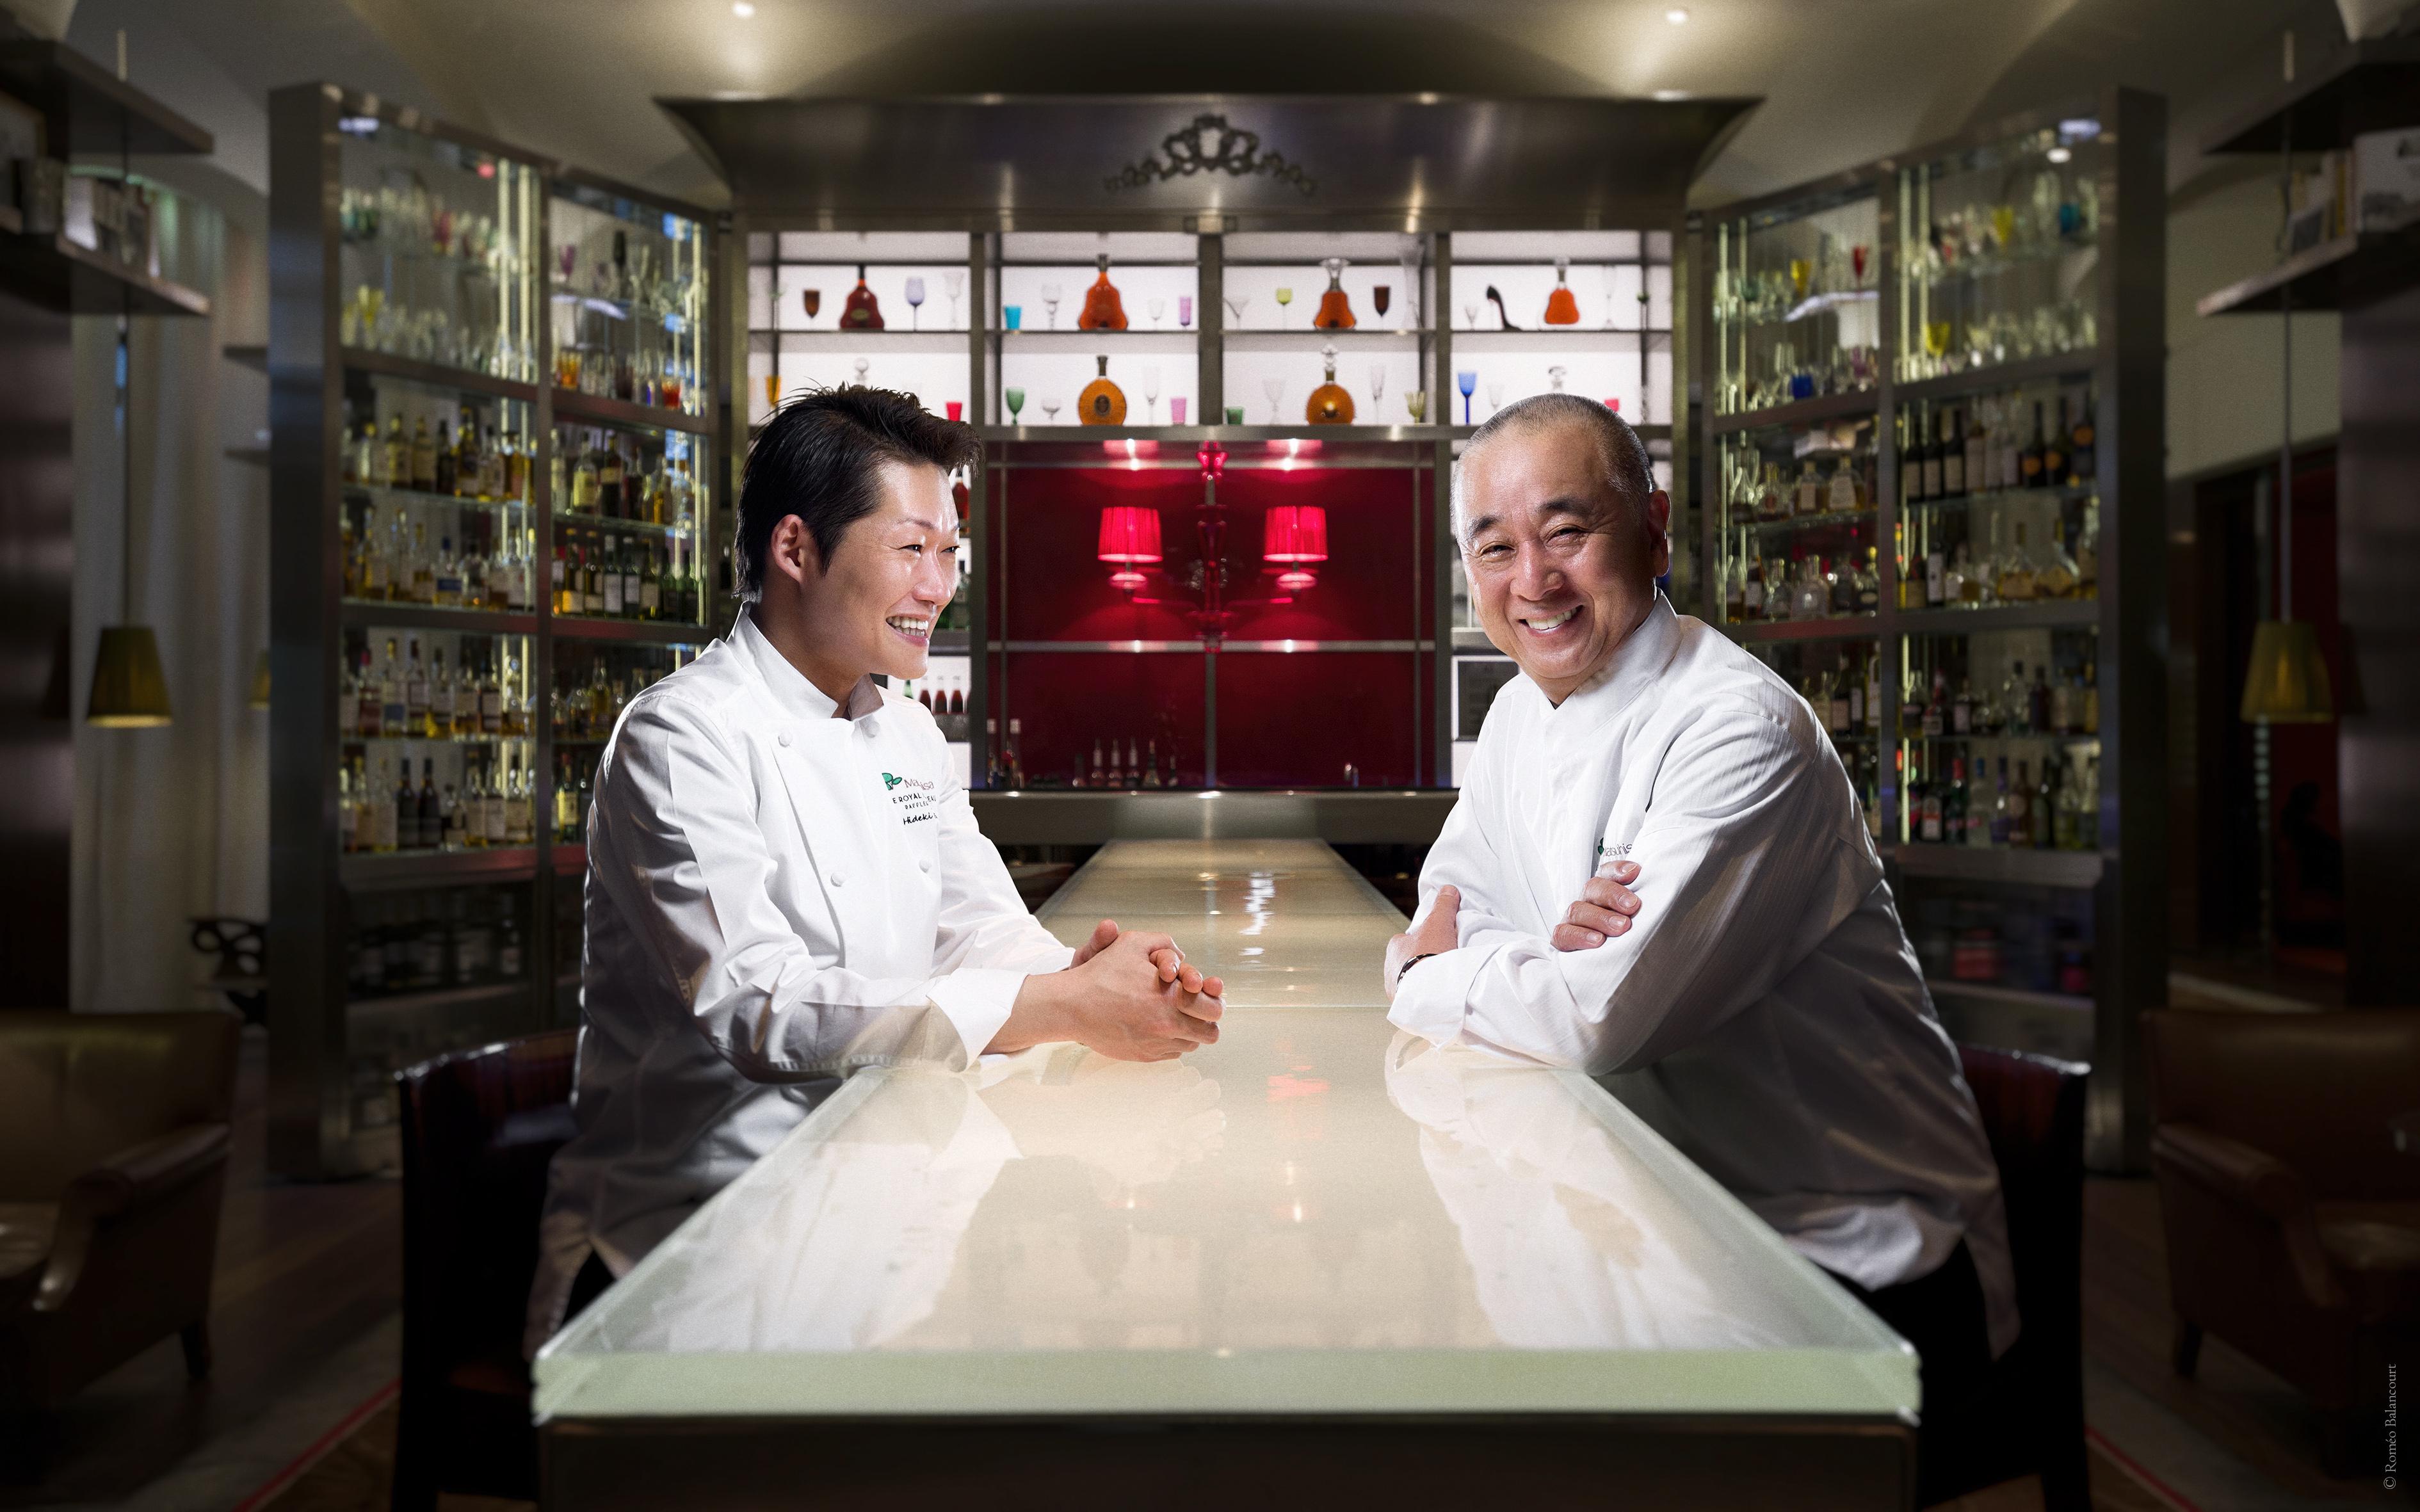 Le Royal Monceau Raffles Paris - Chefs Nobu Matsuhisa & Hideki Endo - Le Bar Long ©Romeo Balancourt